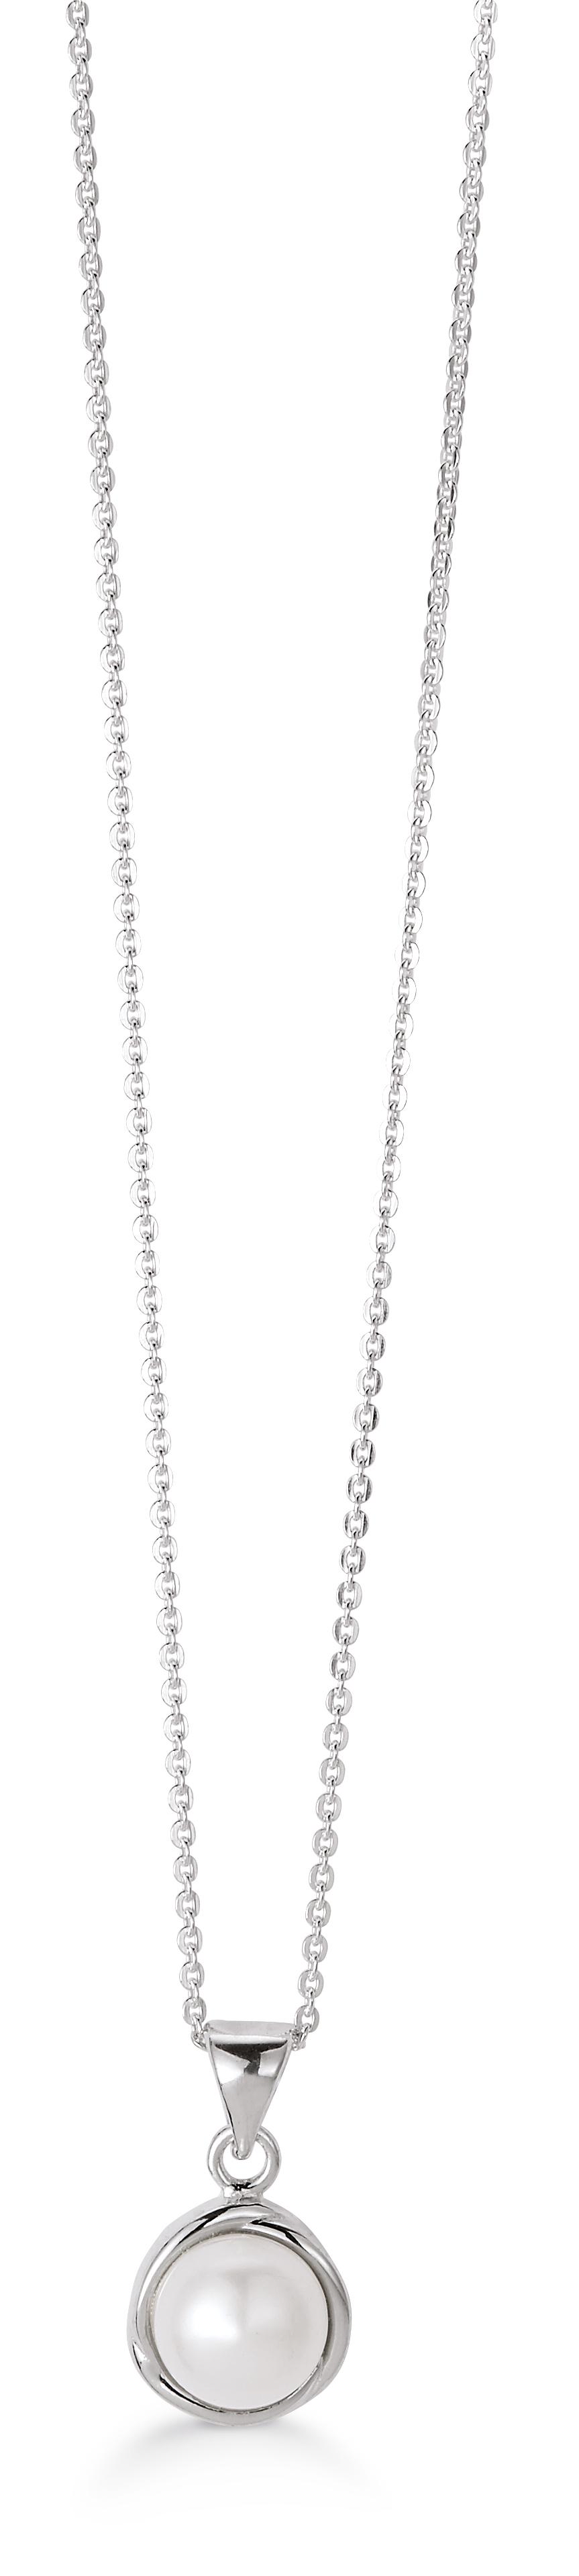 Aagaard Sterling Sølv Halskæde med Ferskvandsperle